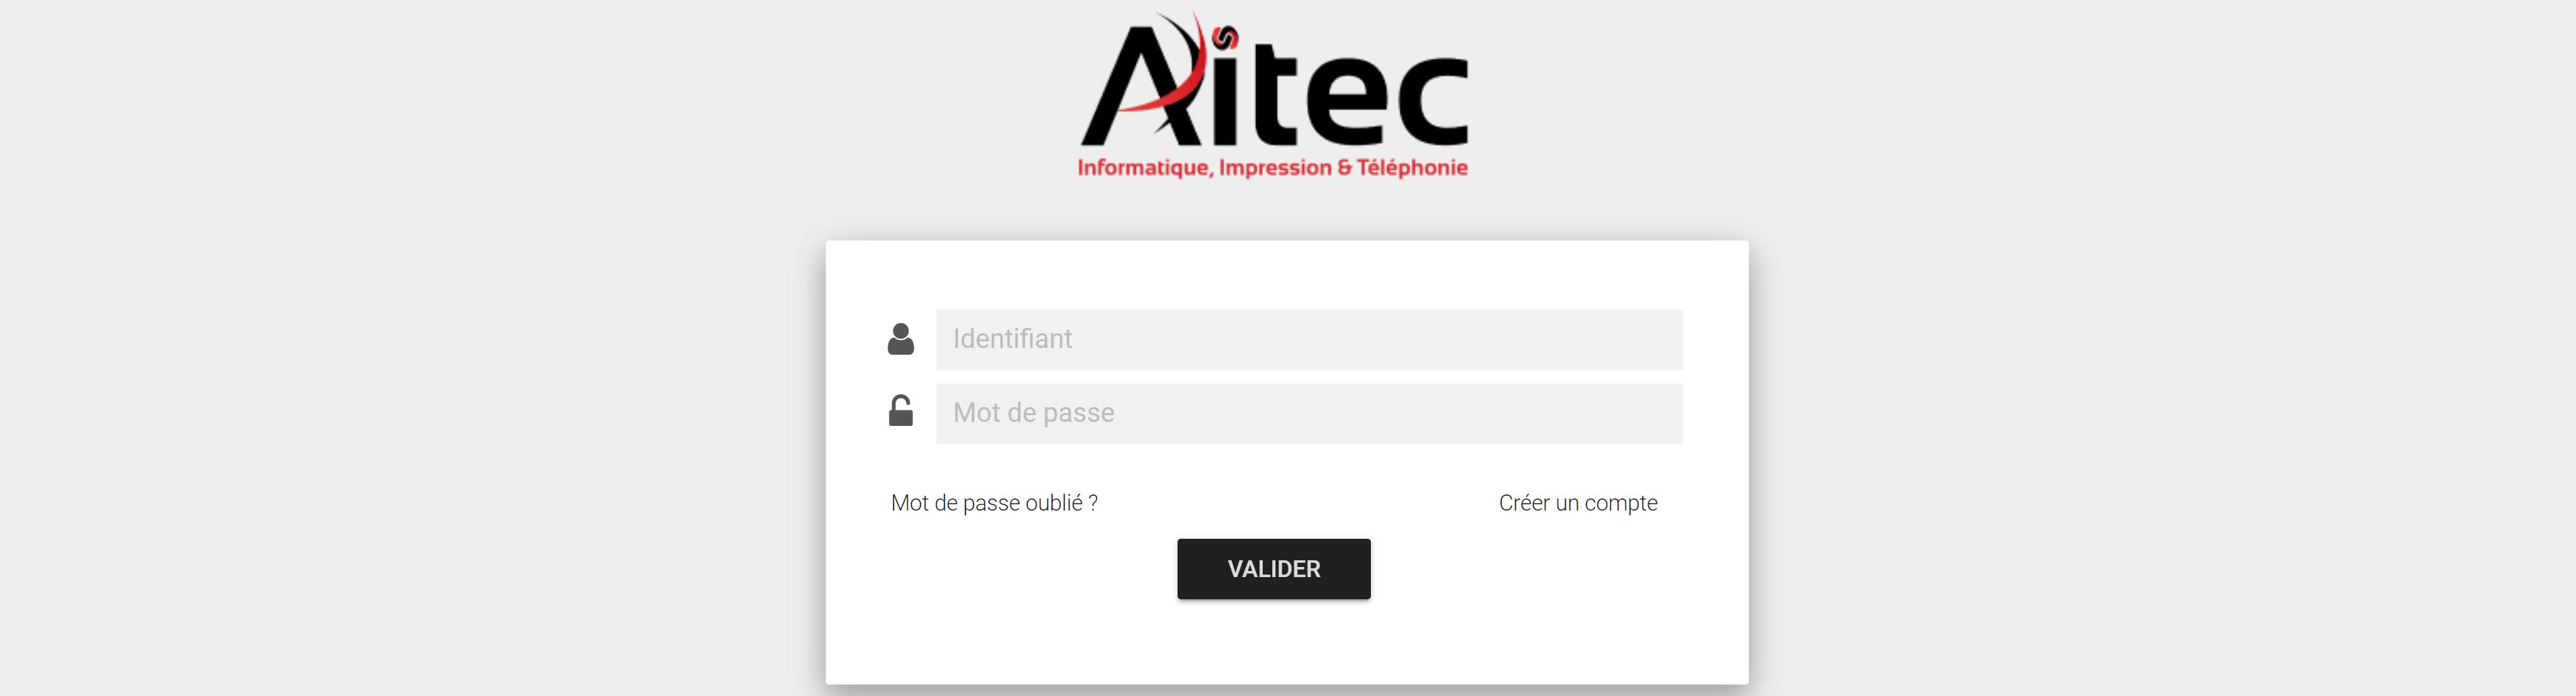 Accueil portail client AITEC